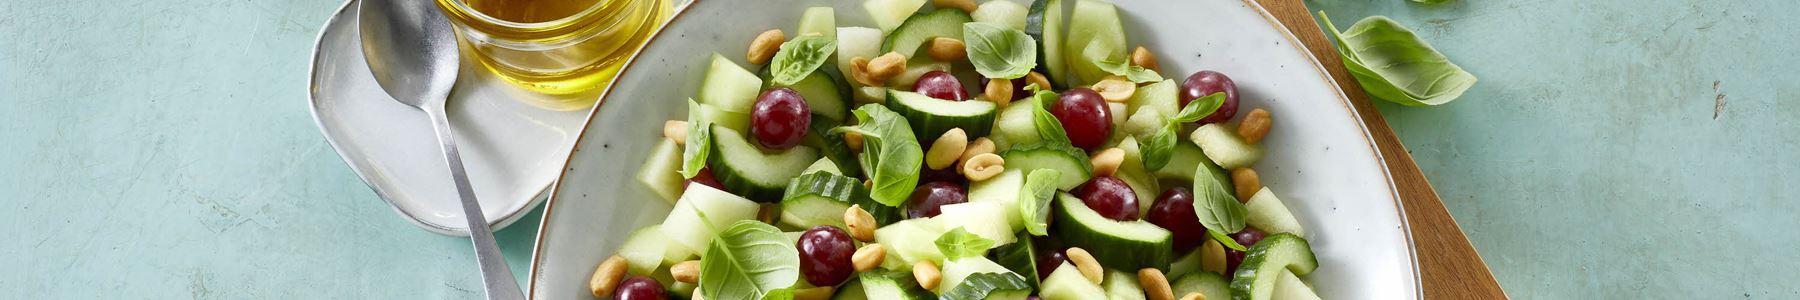 Hurtig + Vindrue + Salater + Efterår